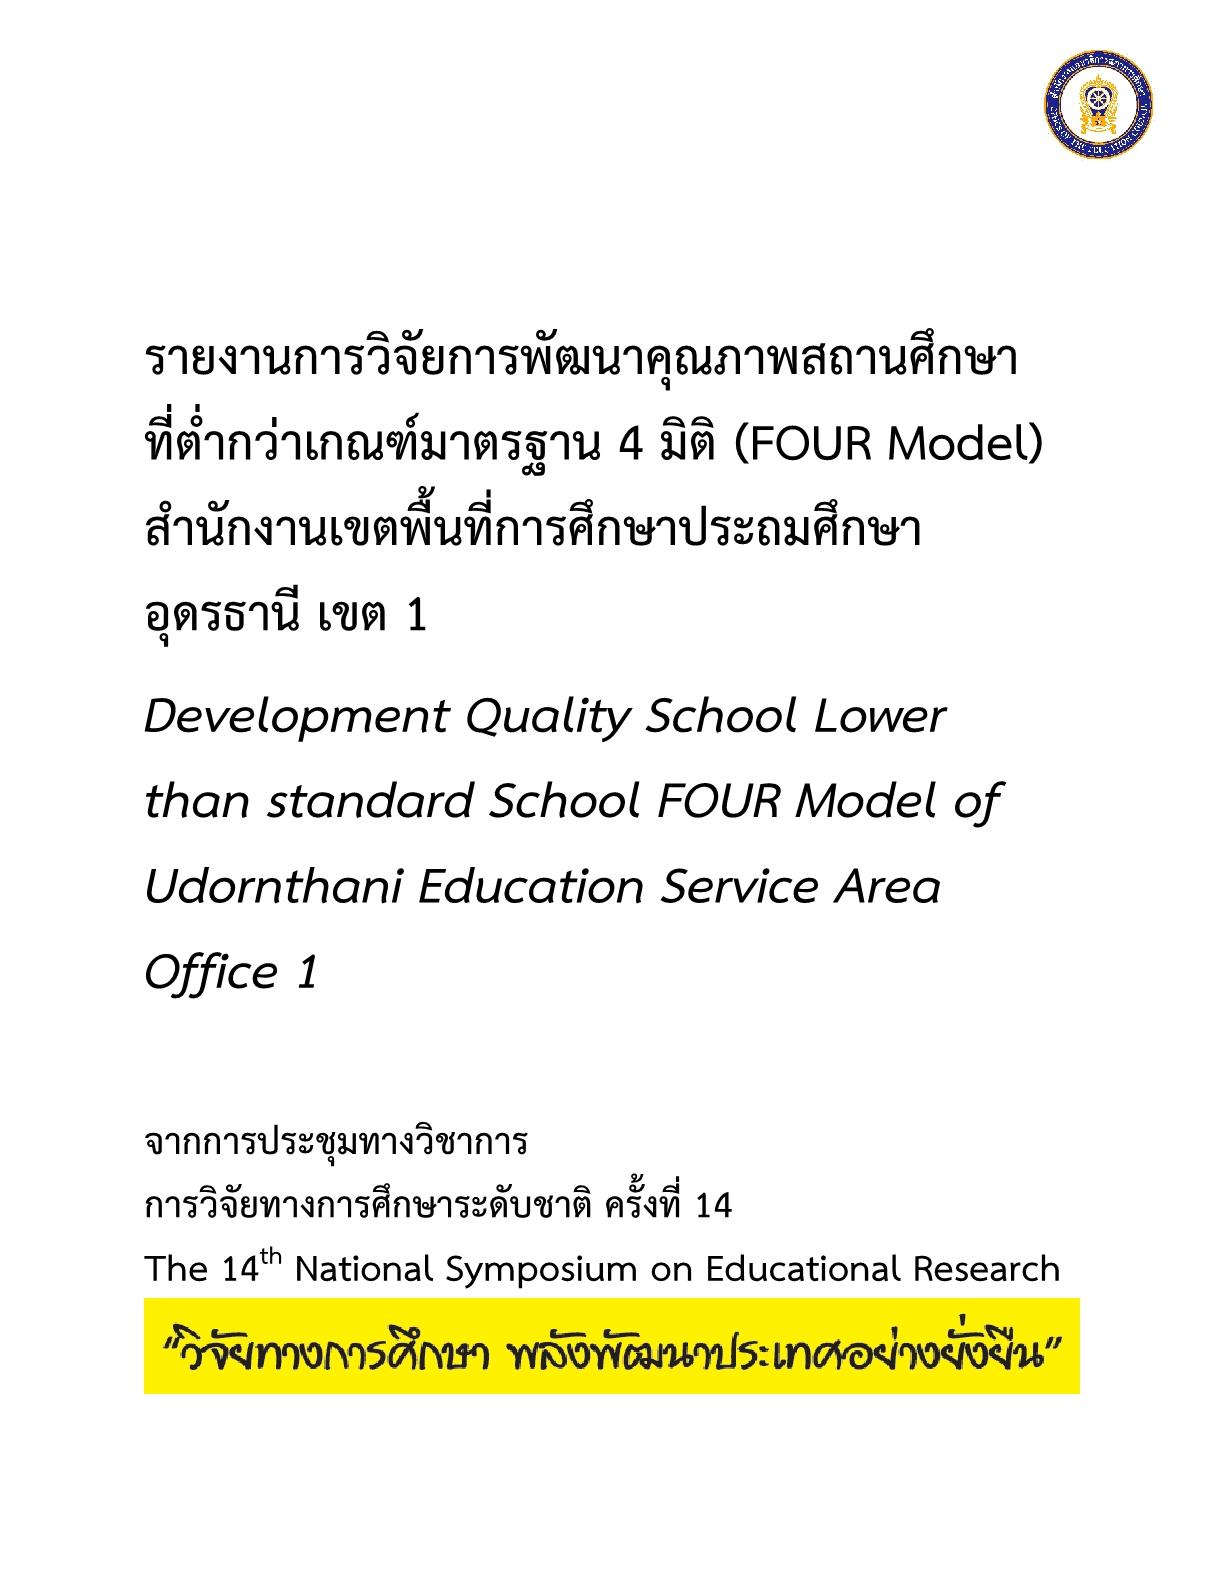 รายงานการวิจัยการพัฒนาคุณภาพสถานศึกษาที่ต่ำกว่าเกณฑ์มาตรฐาน 4 มิติ (FOUR  Model) สำนักงานเขตพื้นที่การศึกษาประถมศึกษาอุดรธานี เขต 1